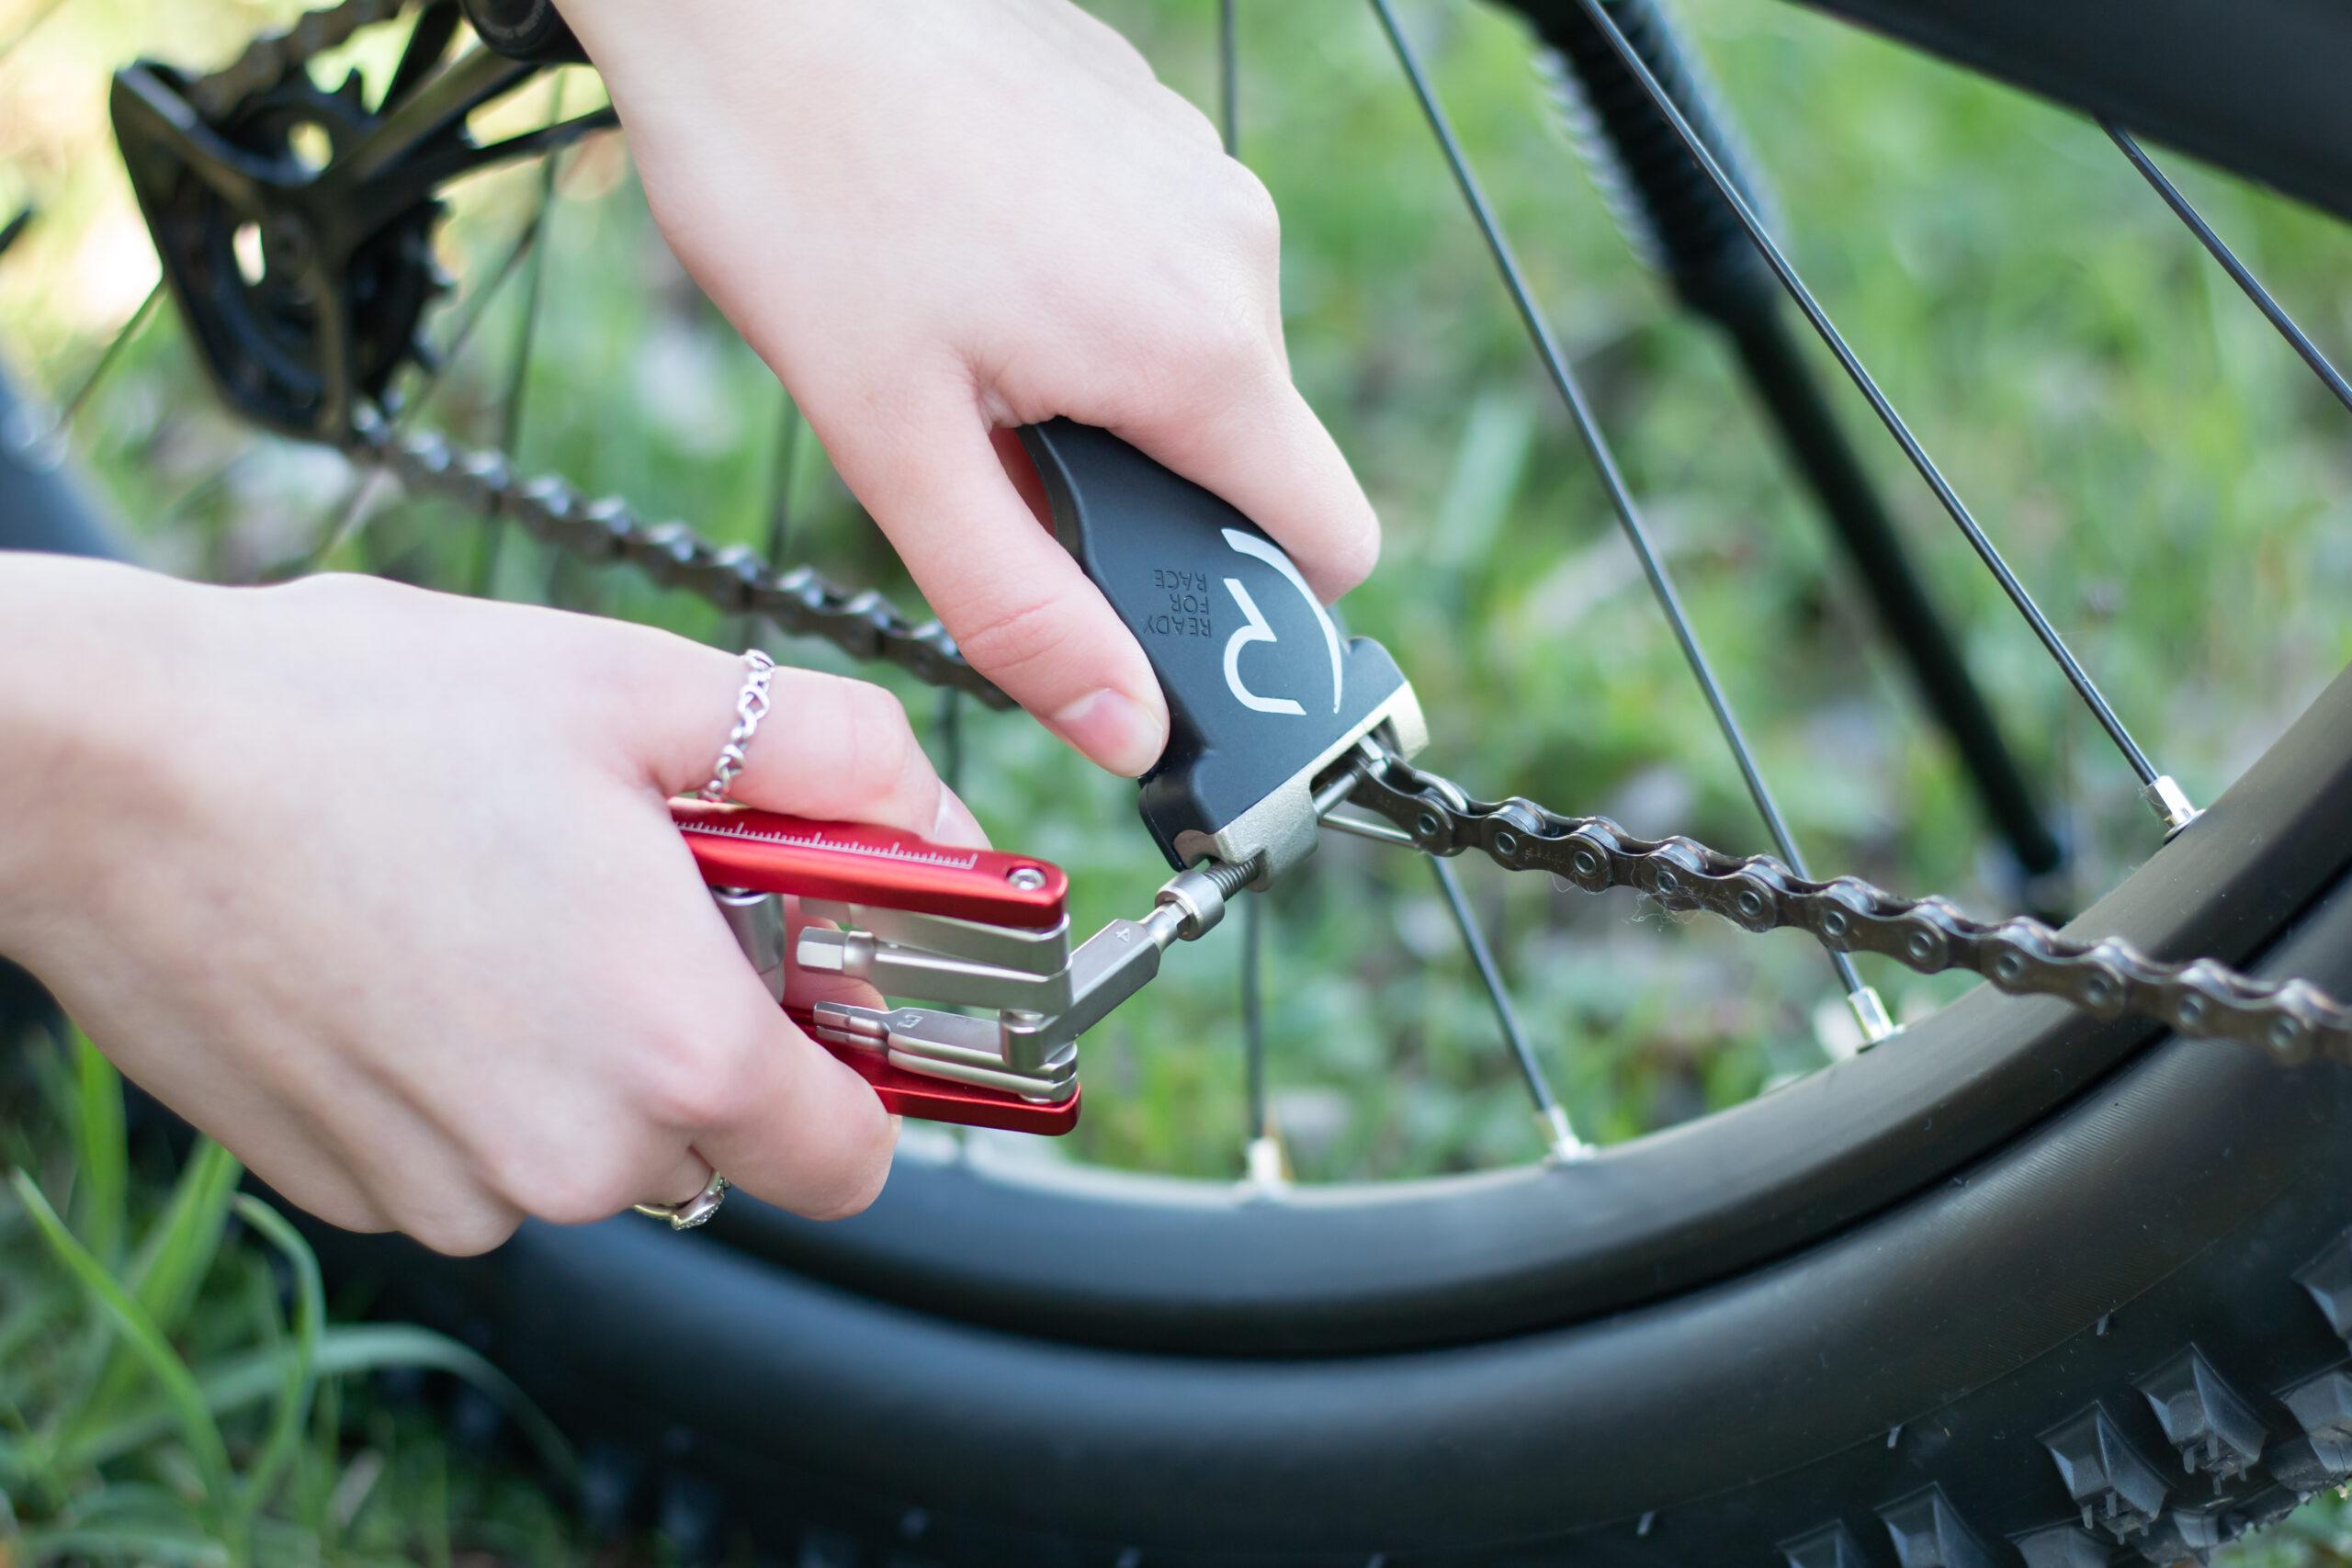 20210330 122124 00313 scaled - Wie öffne ich die Kette an meinem Fahrrad?